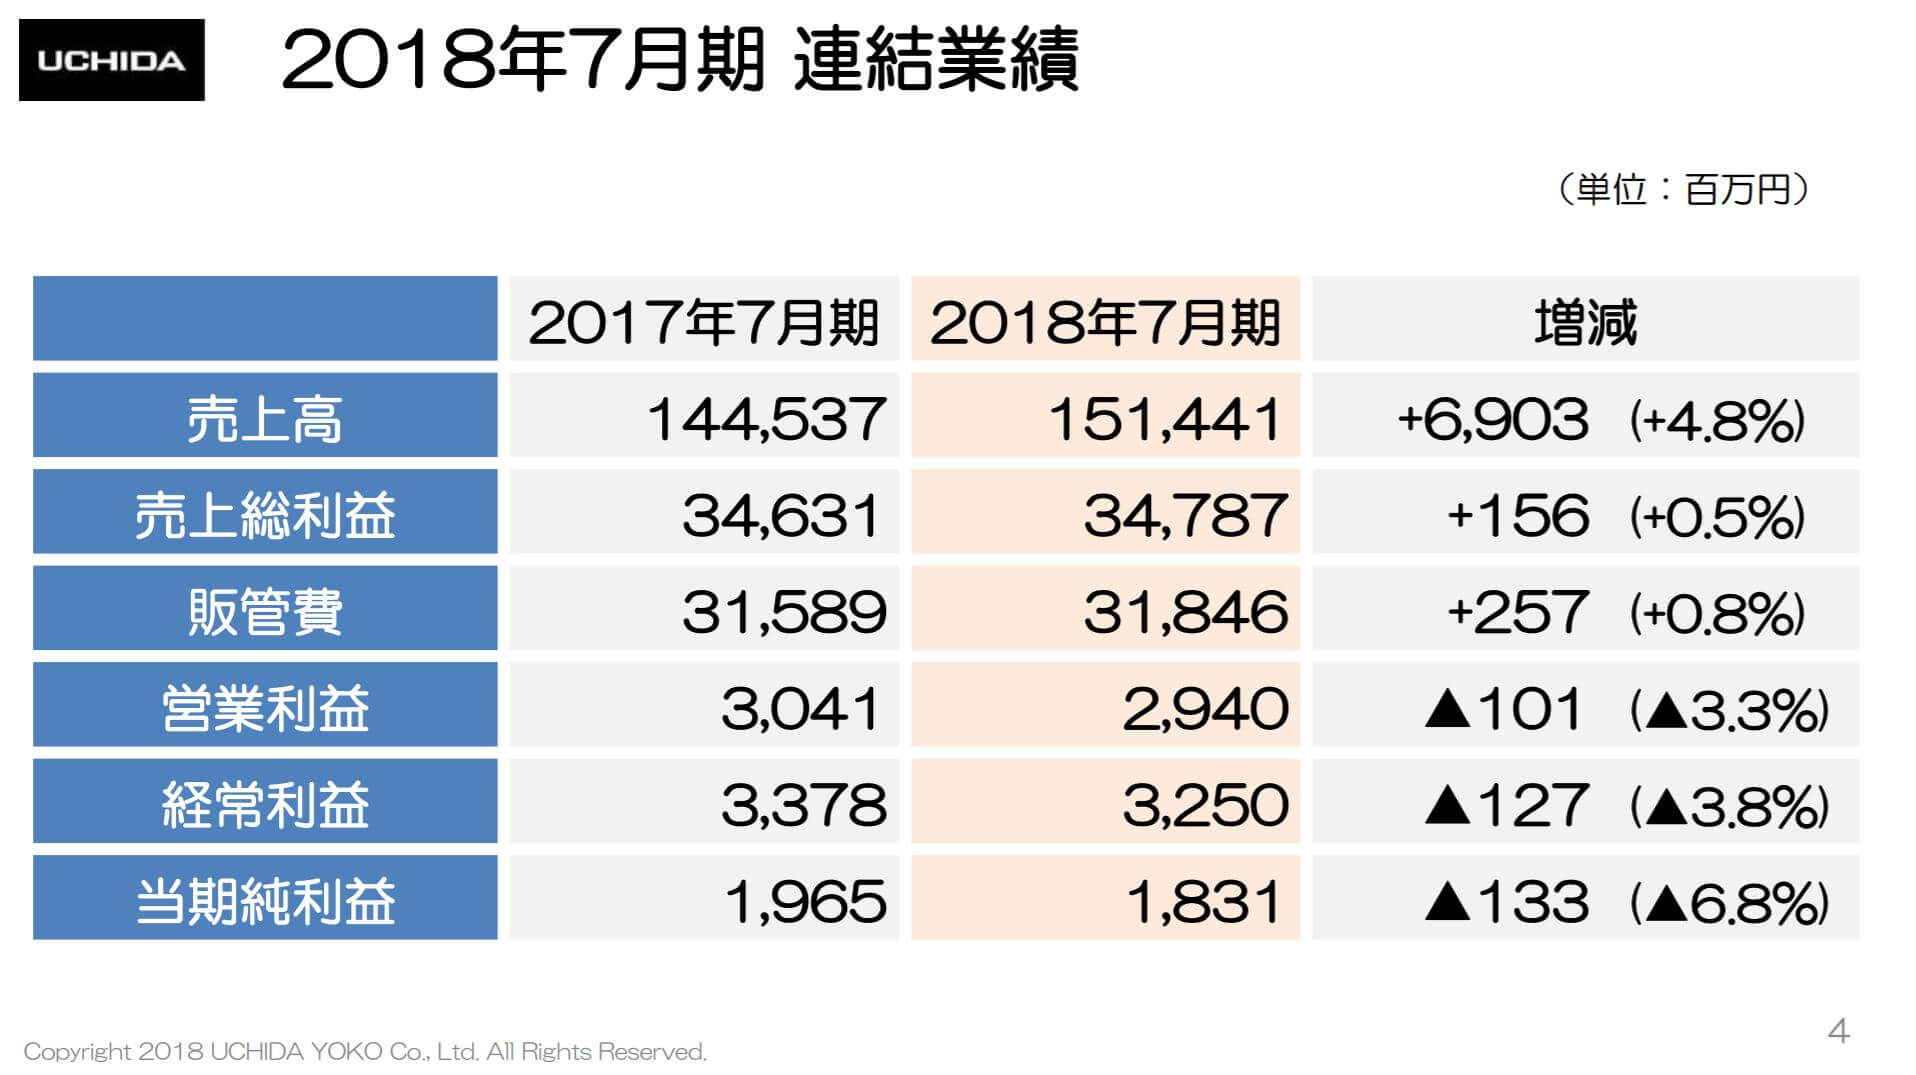 内田洋行の2018年7月期決算。売上高1514.4億円、営業利益率は1.9%